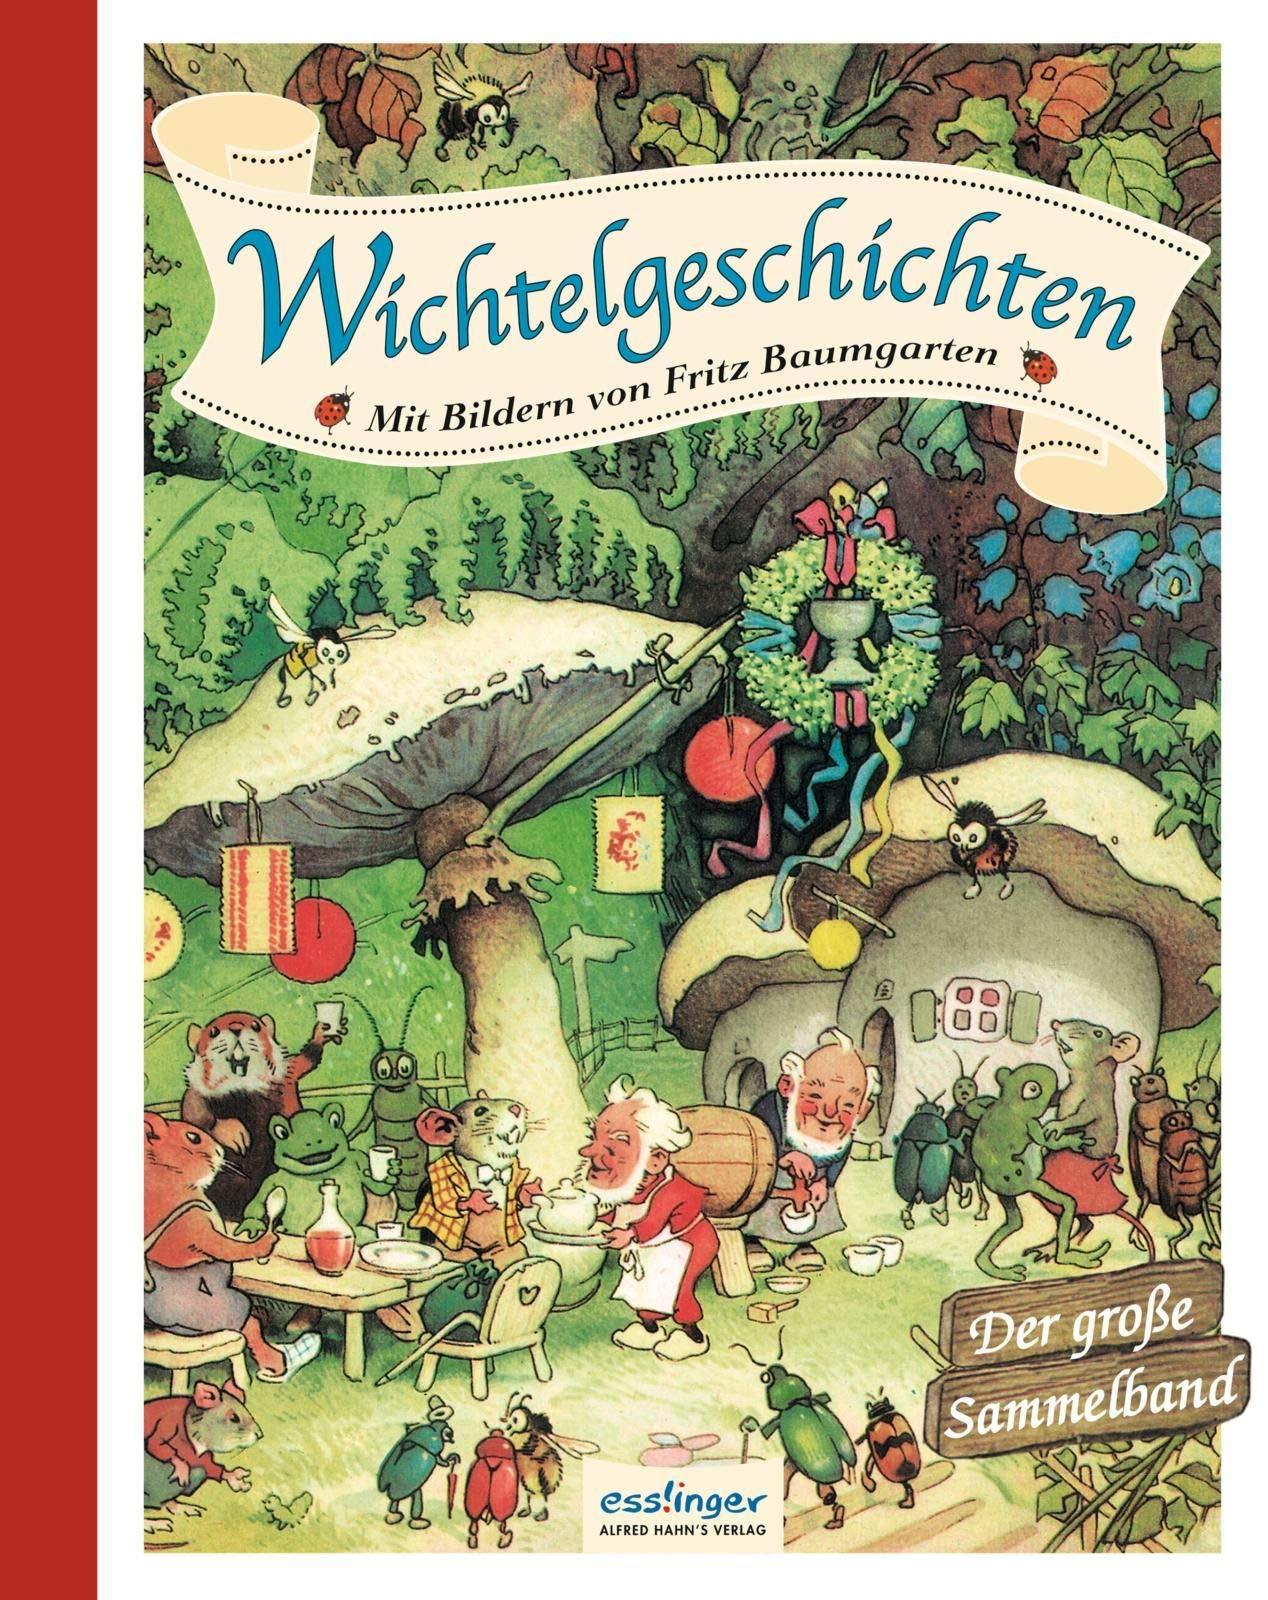 Wichtelgeschichten  Mit Bildern Von Fritz Baumgarten   Der Große Sammelband